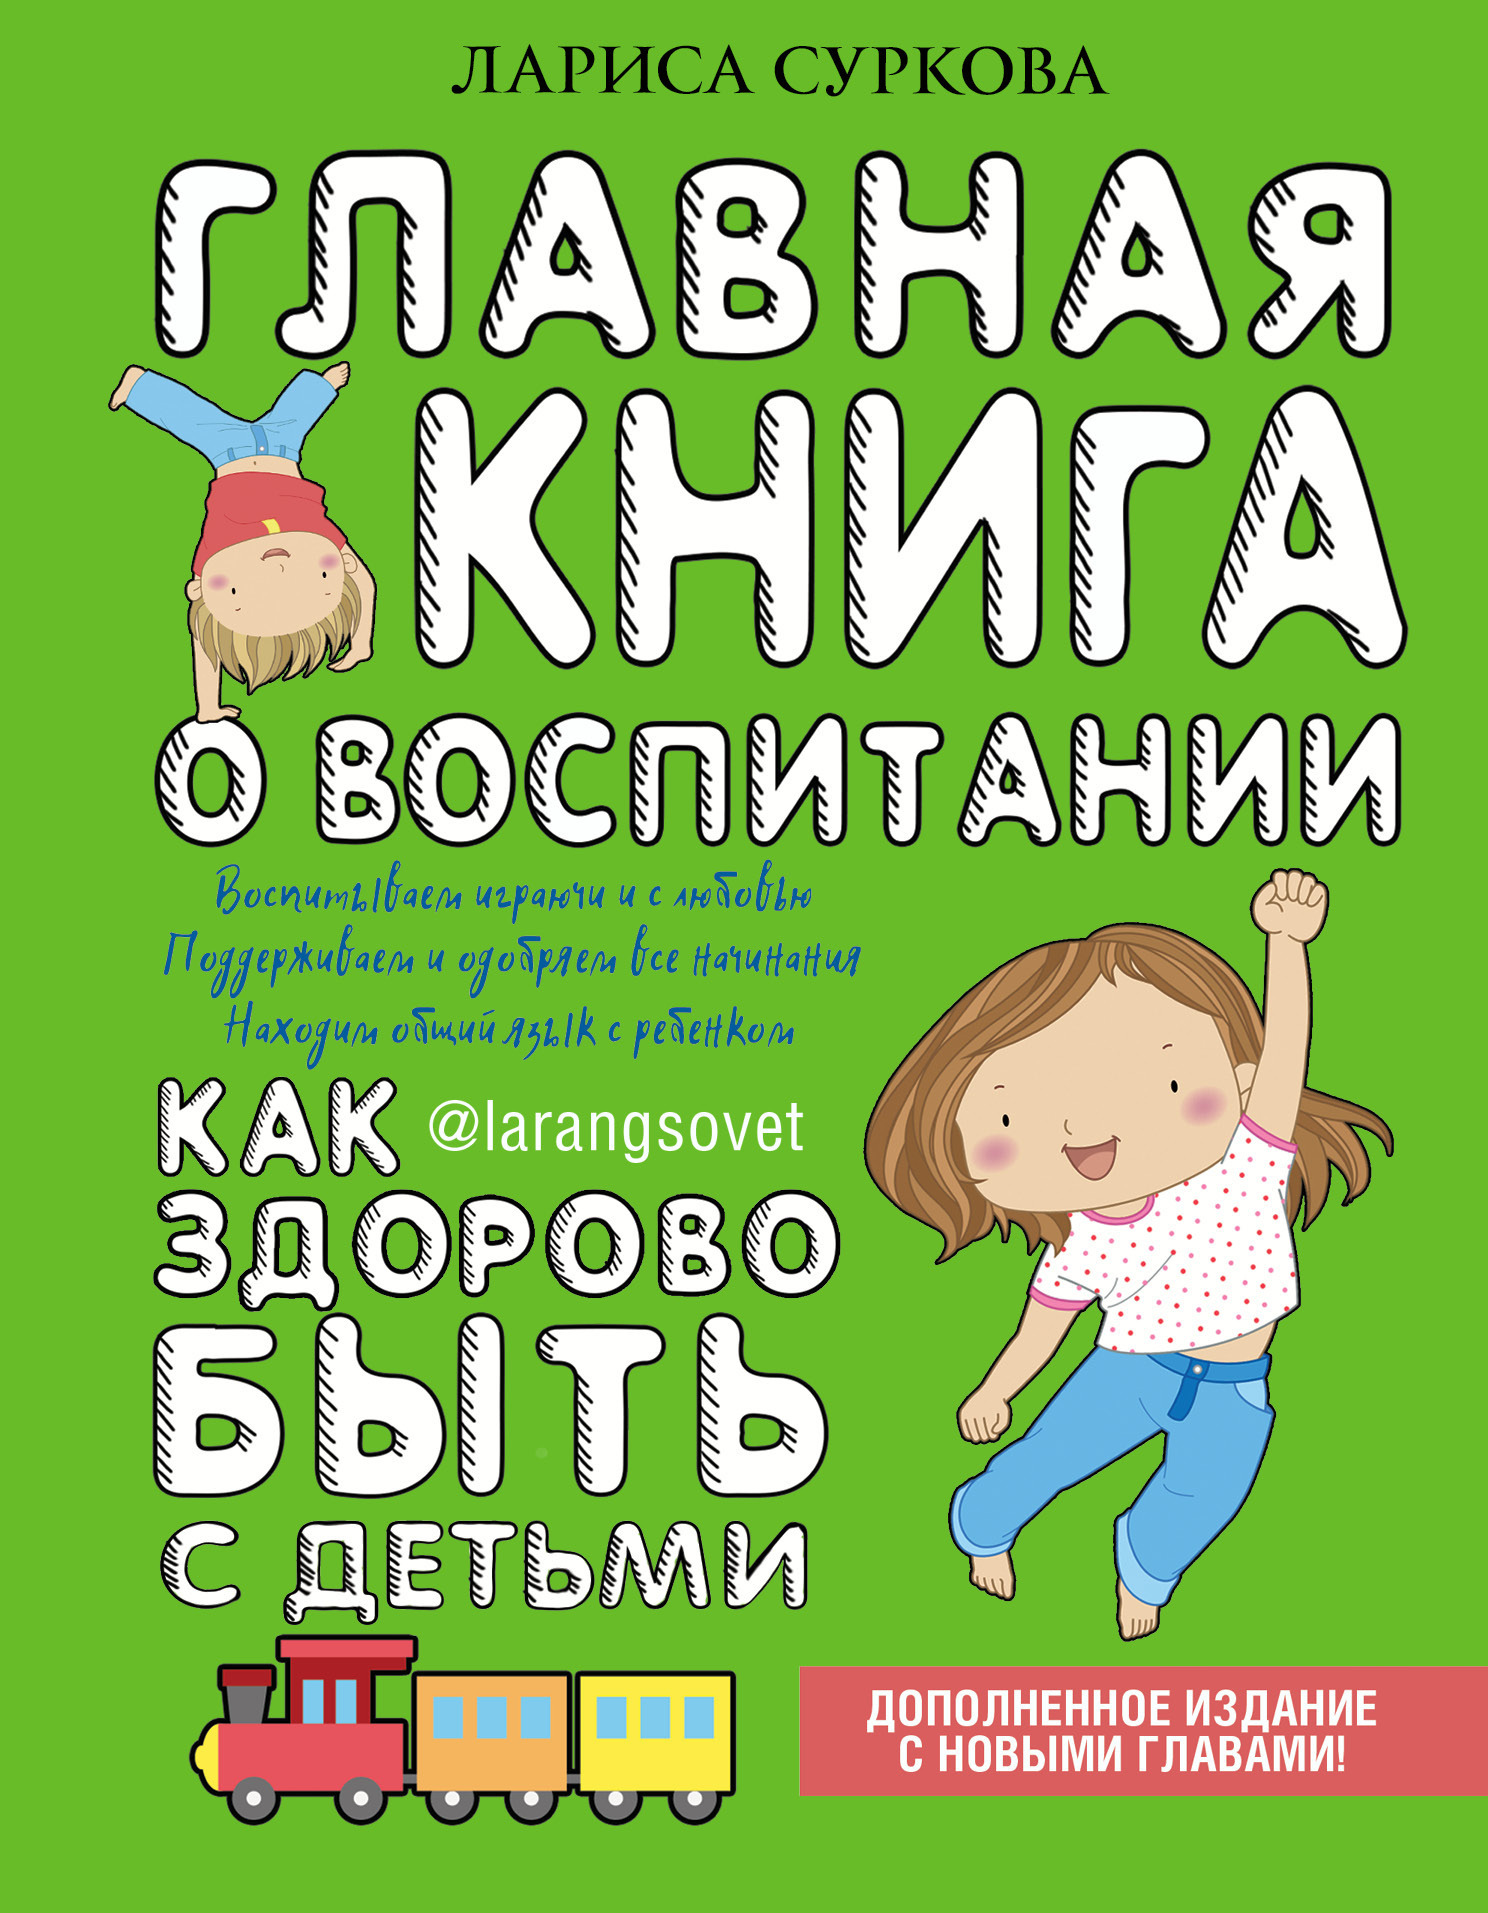 Главная книга о воспитании. Как здорово быть с детьми